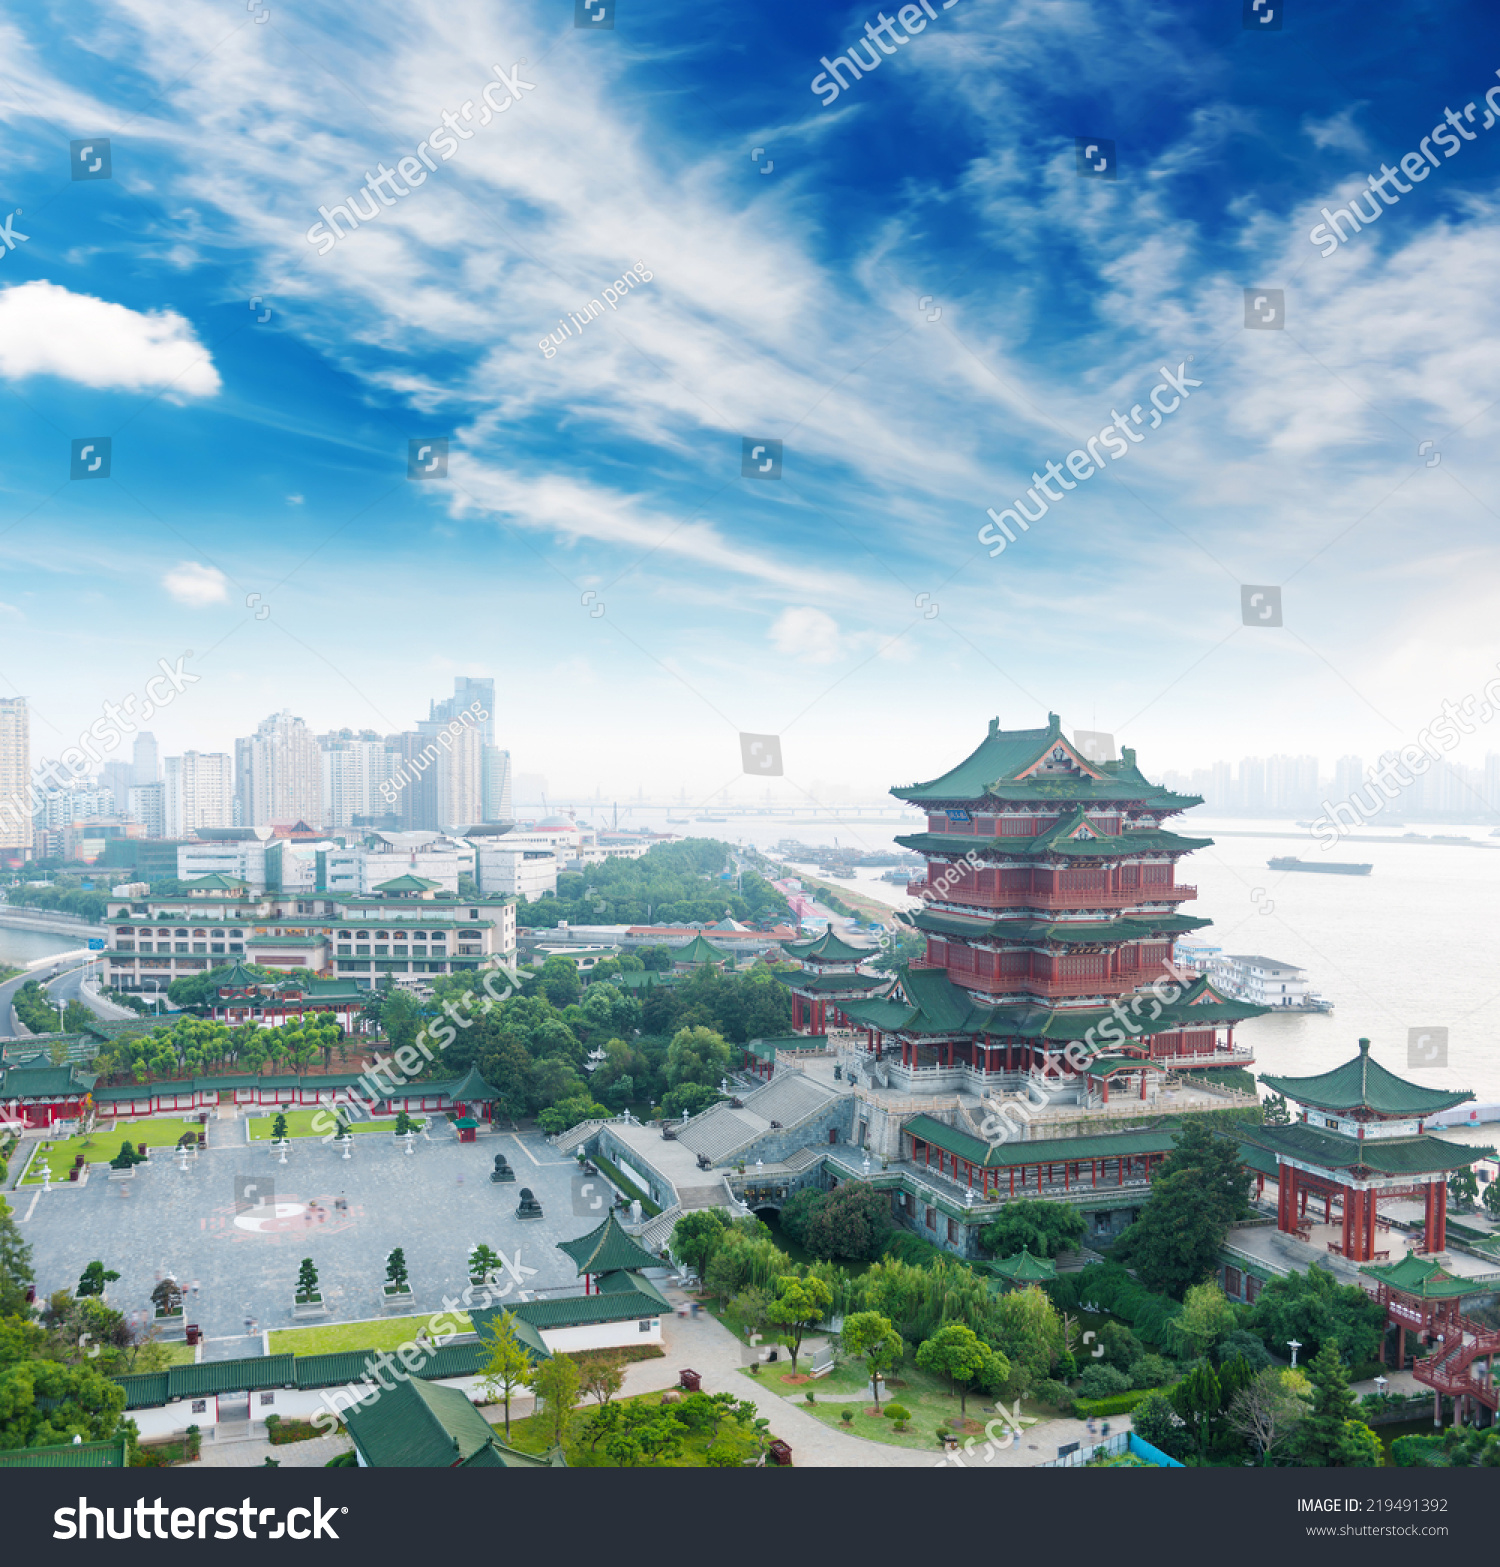 南昌滕王阁,传统的中国古代建筑,用木头做的.-建筑物